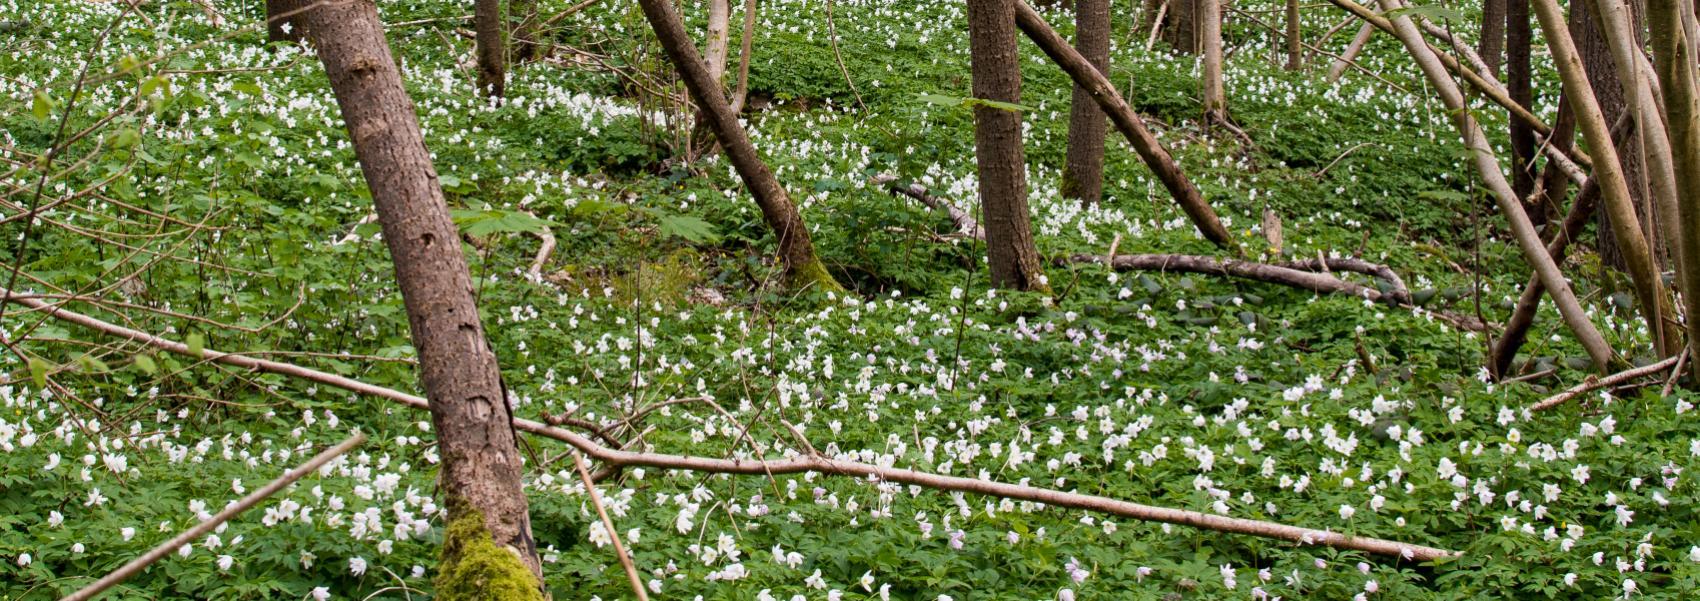 wit bloementapijt in het bos